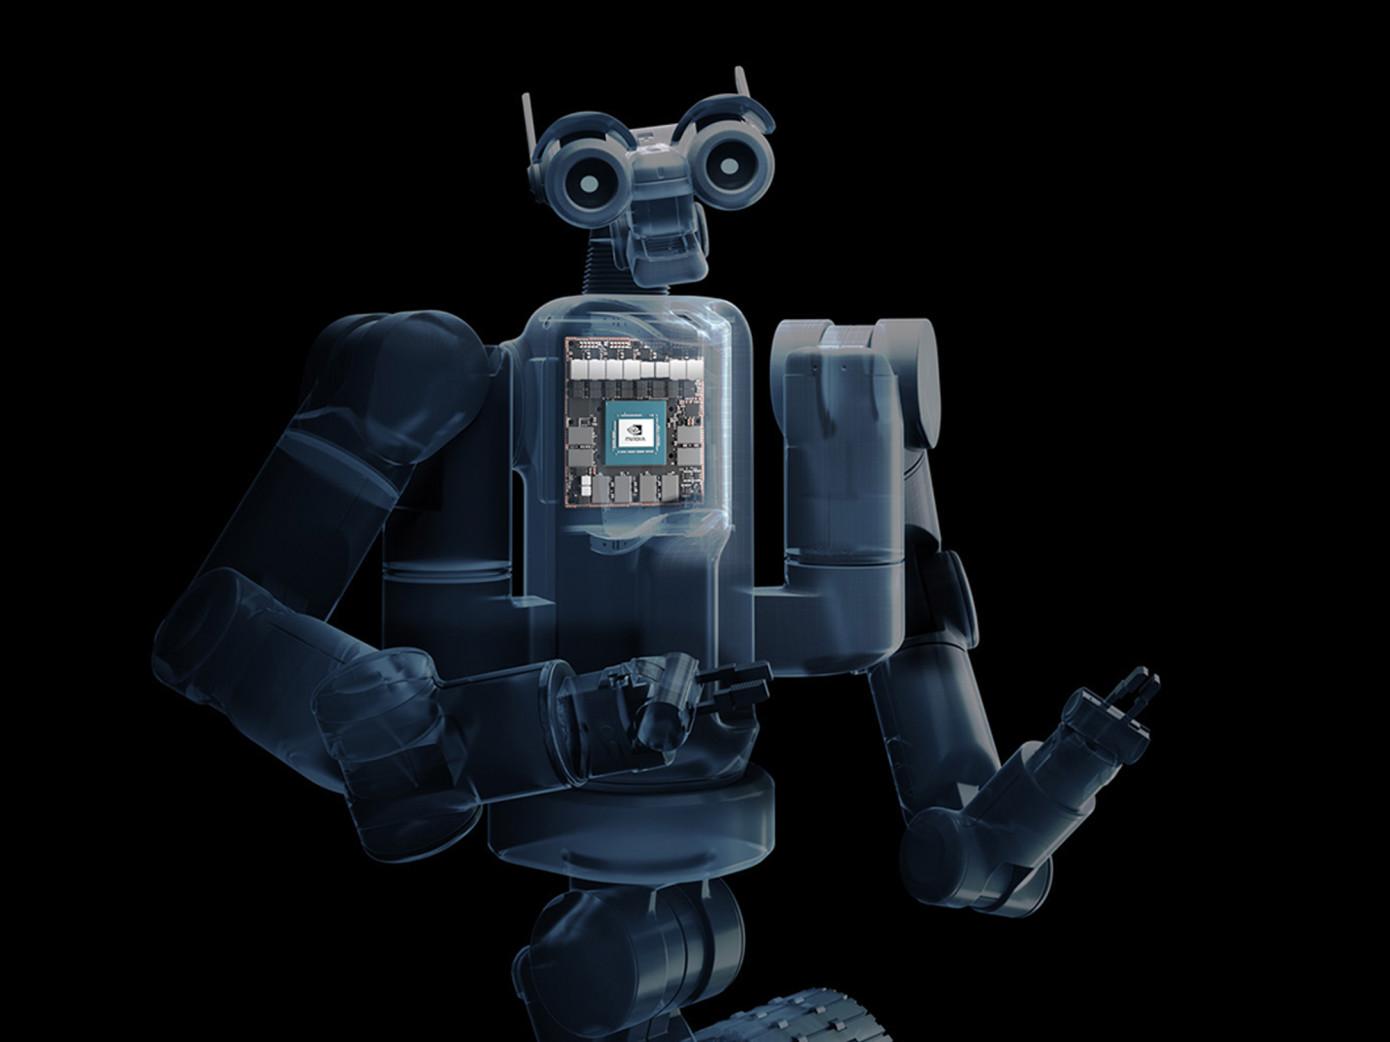 NVIDIA анонсировала платформу Jetson Xavier, предназначенную для создания роботов сИИ